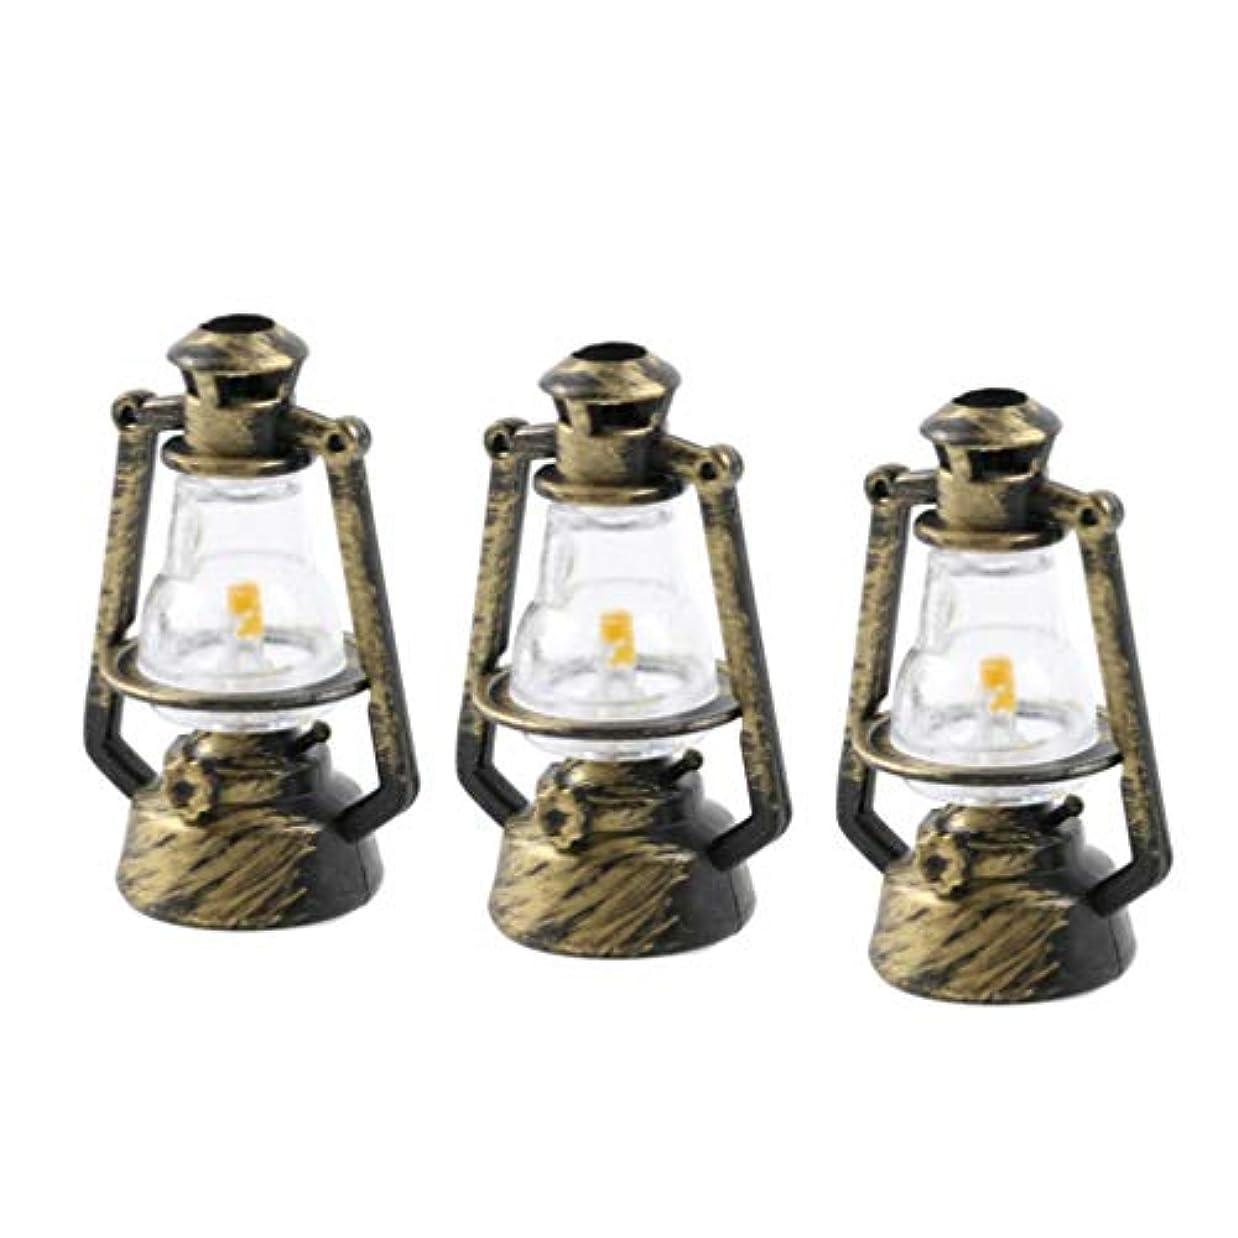 彫る責任者市長HEALLILY ミニレトロ灯油ランプ飾り1:12ドールハウスミニチュア家具ドールハウス装飾アクセサリー風景装飾6ピース